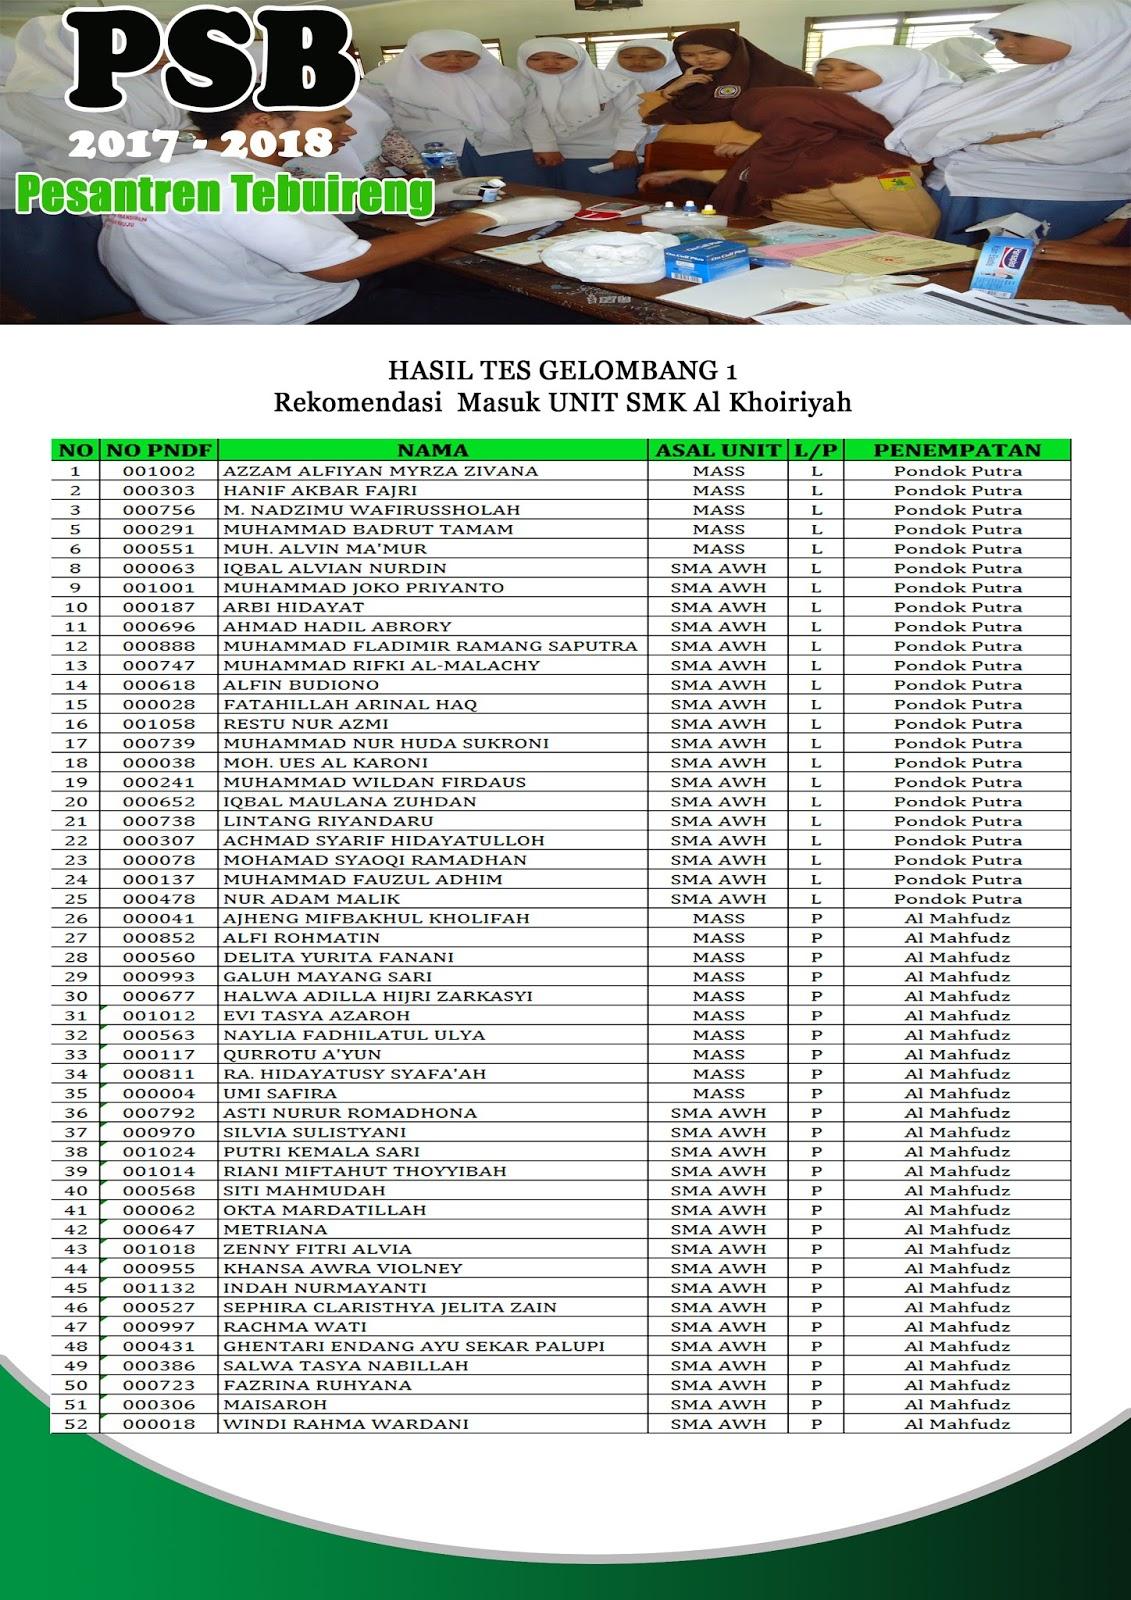 SMK Al Khoiriyah Putra-Putri [REKOMENDASI]